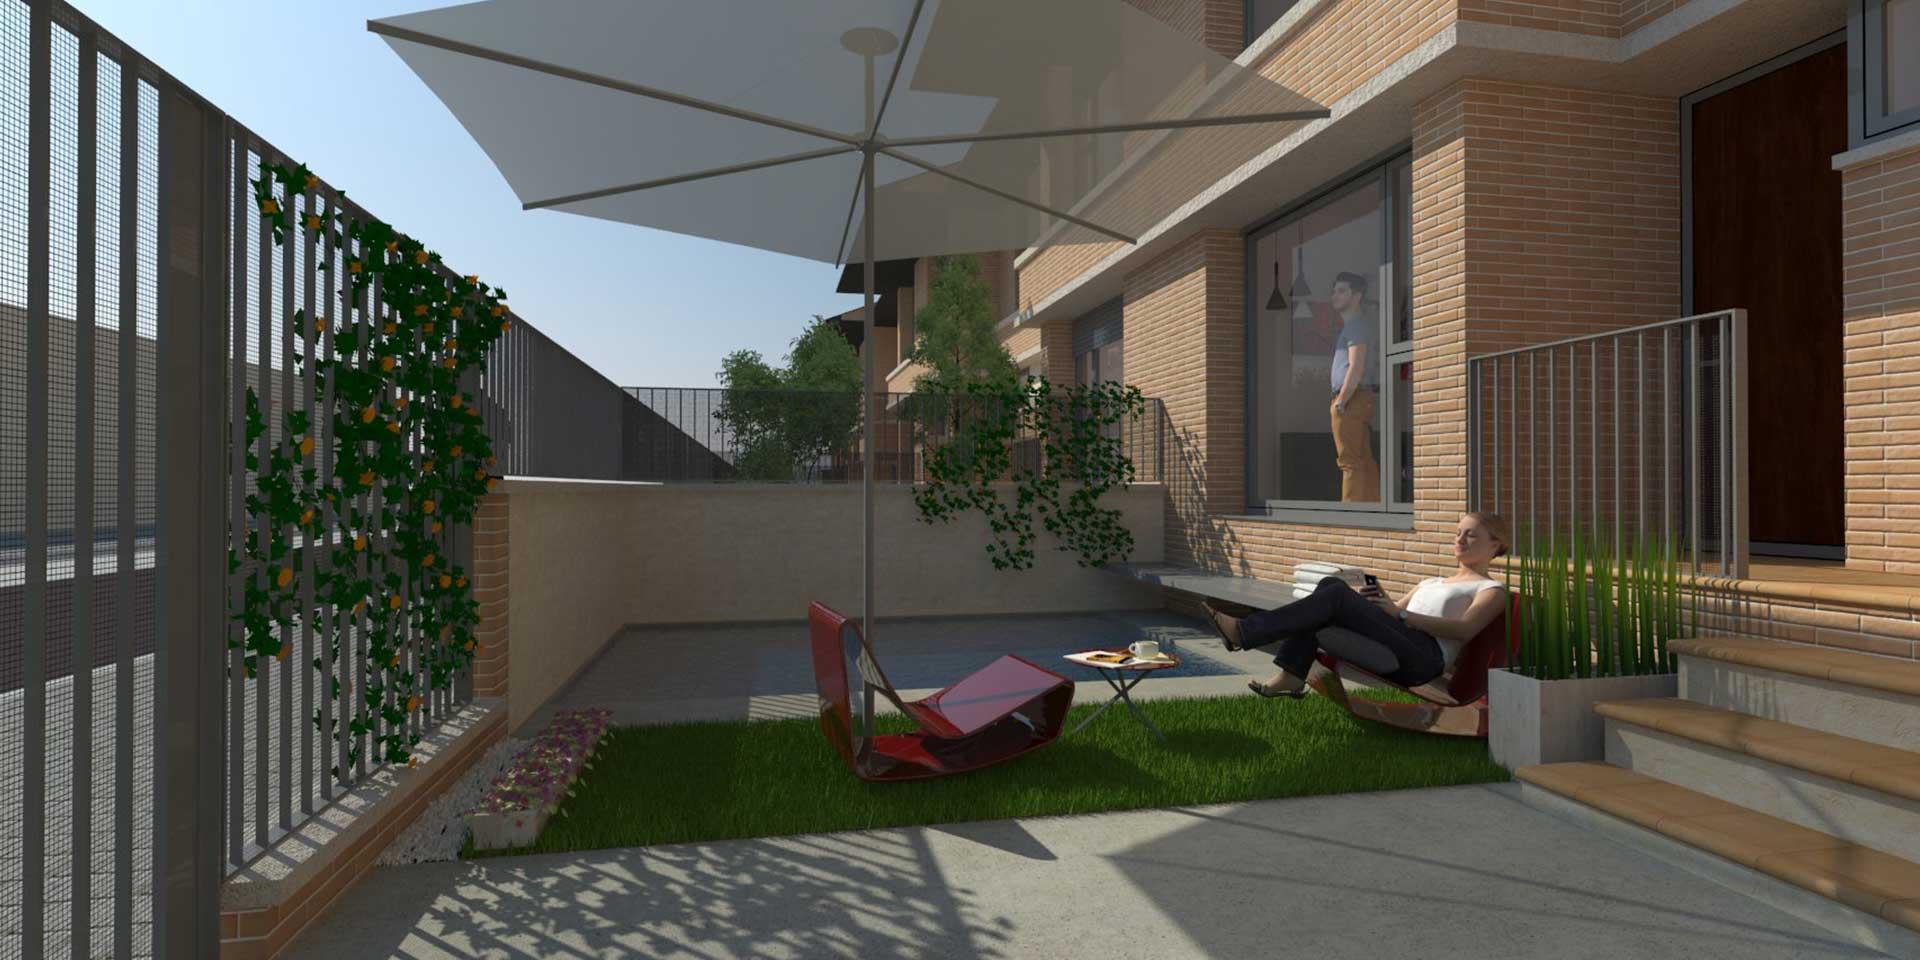 Vivienda nueva con piscina residencial continental viviendas unifamiliares albacete